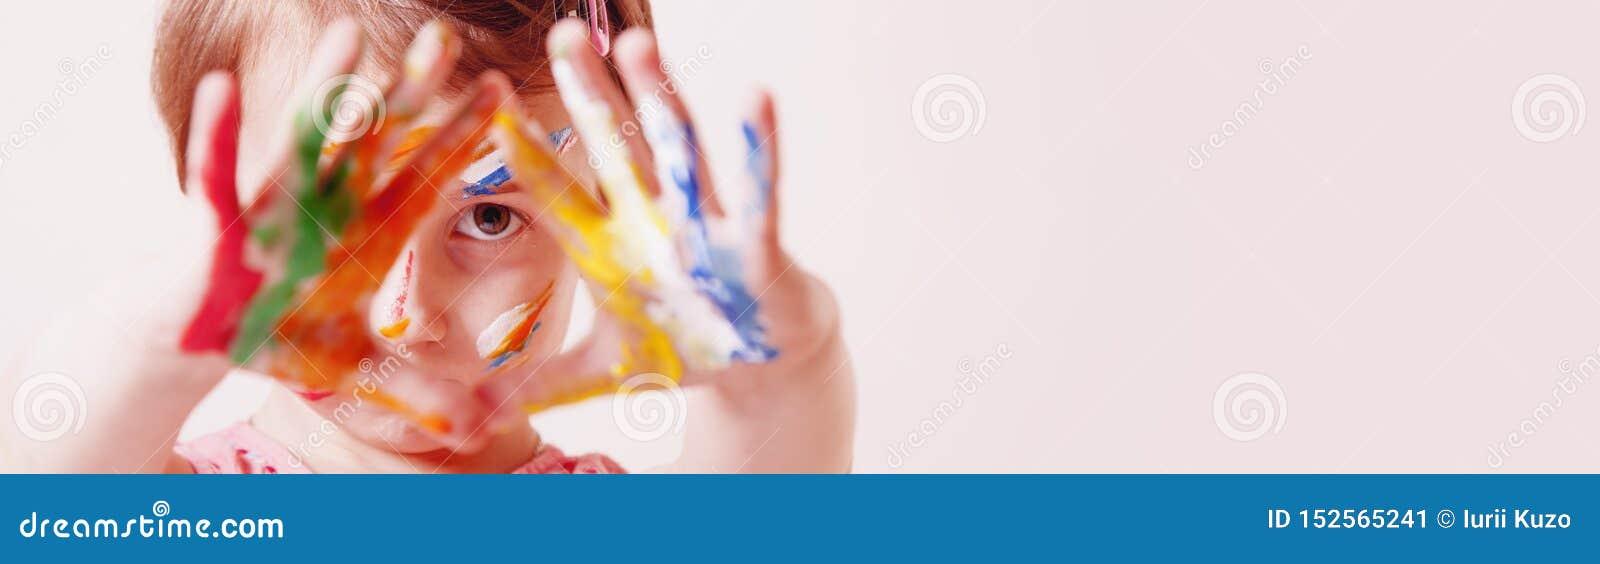 Feche acima de pouca menina bonito com a composição colorida das crianças que mostra as mãos pintadas Conceito feliz da infância